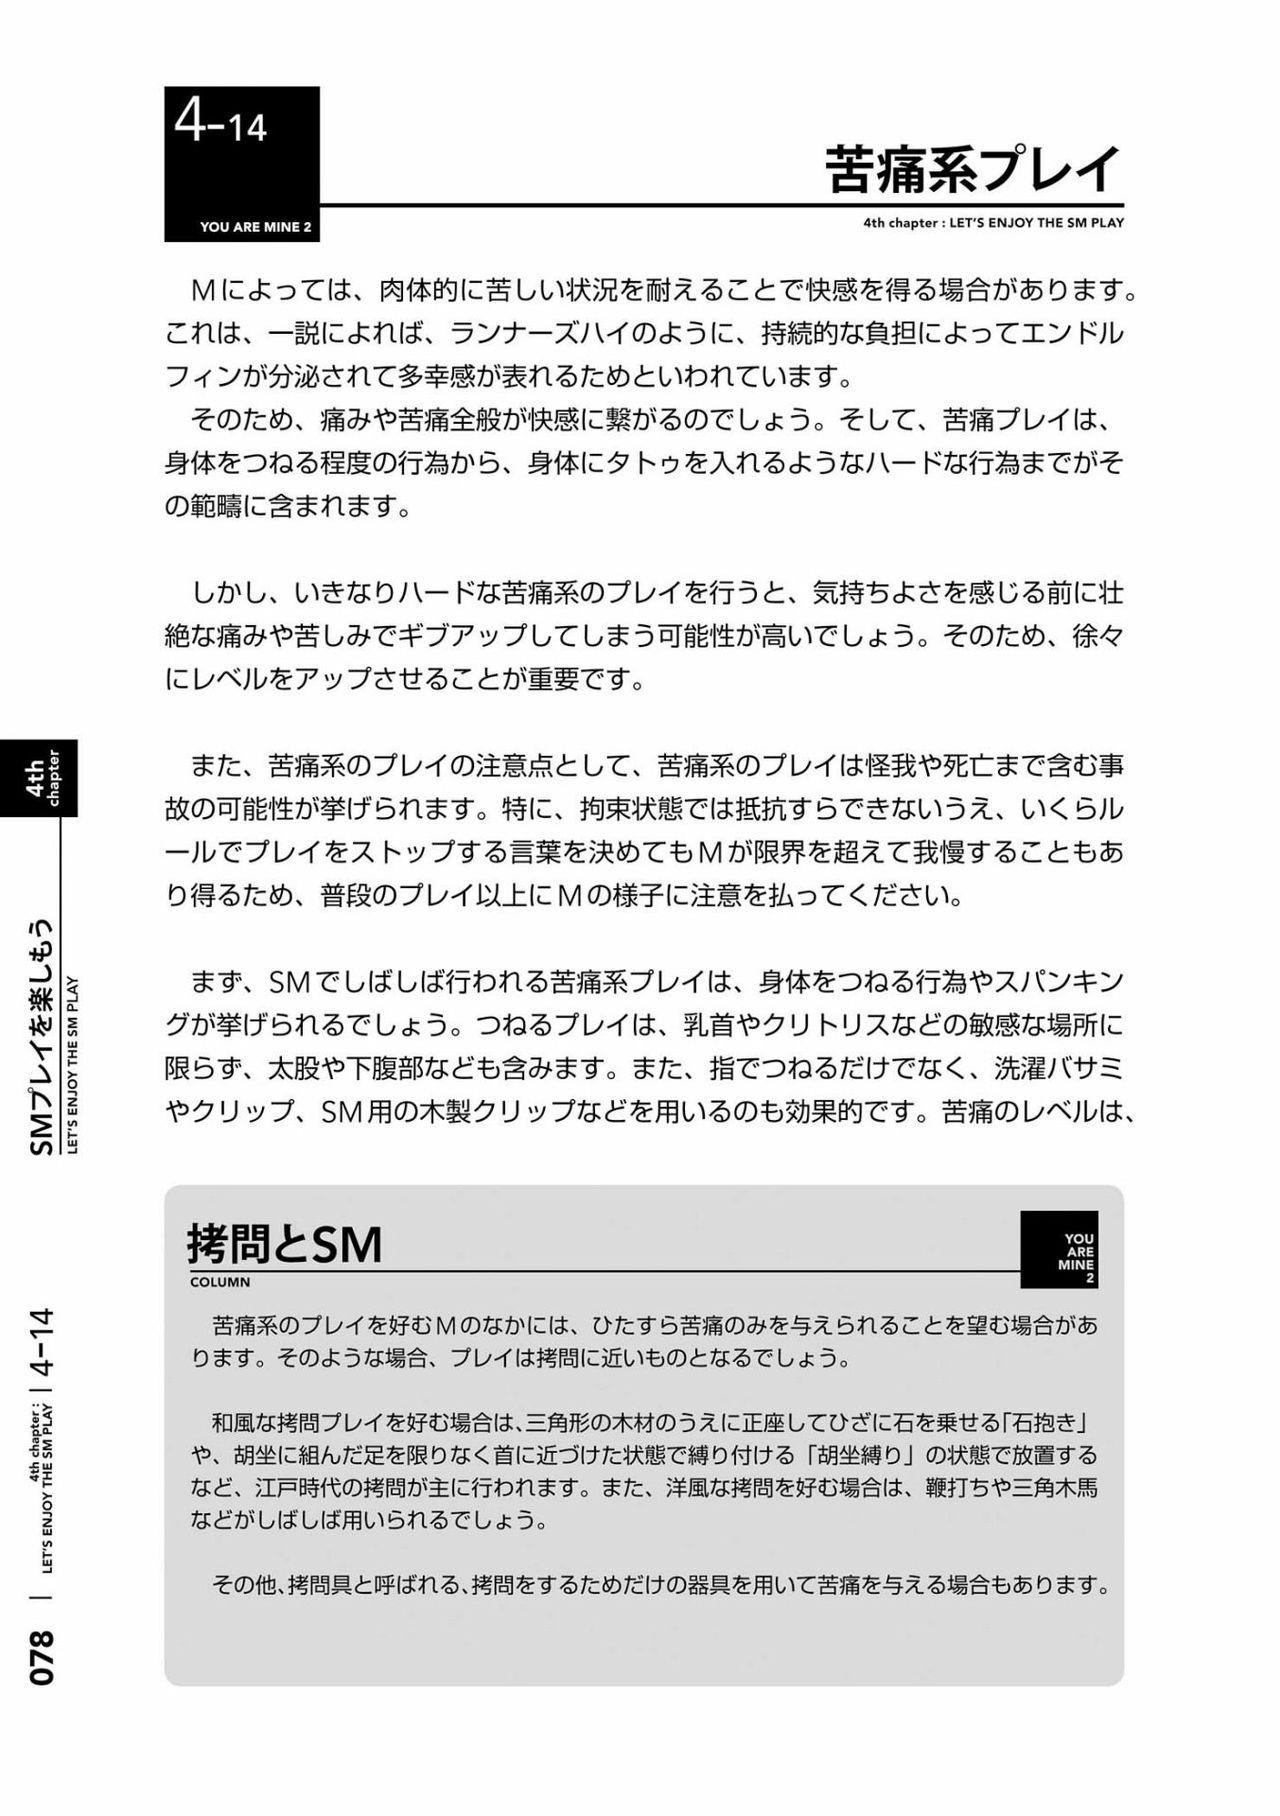 [Mitsuba] Karada mo Kokoro mo Boku no Mono ~Hajimete no SM Guide~ 2 [Digital] 80